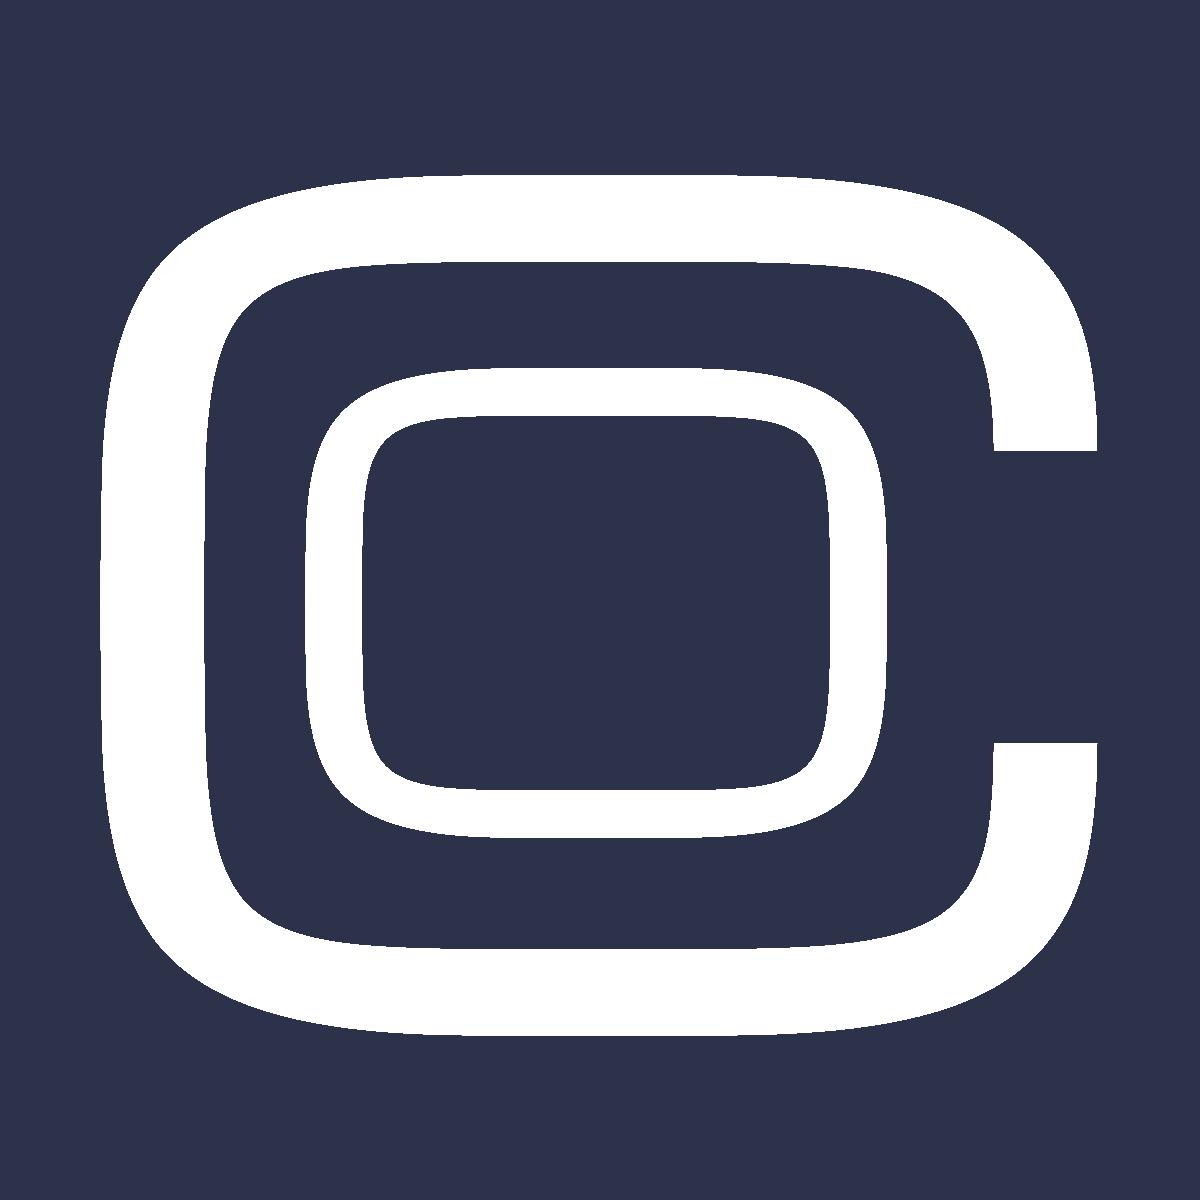 Centro de ayuda CobranzaOnline.com